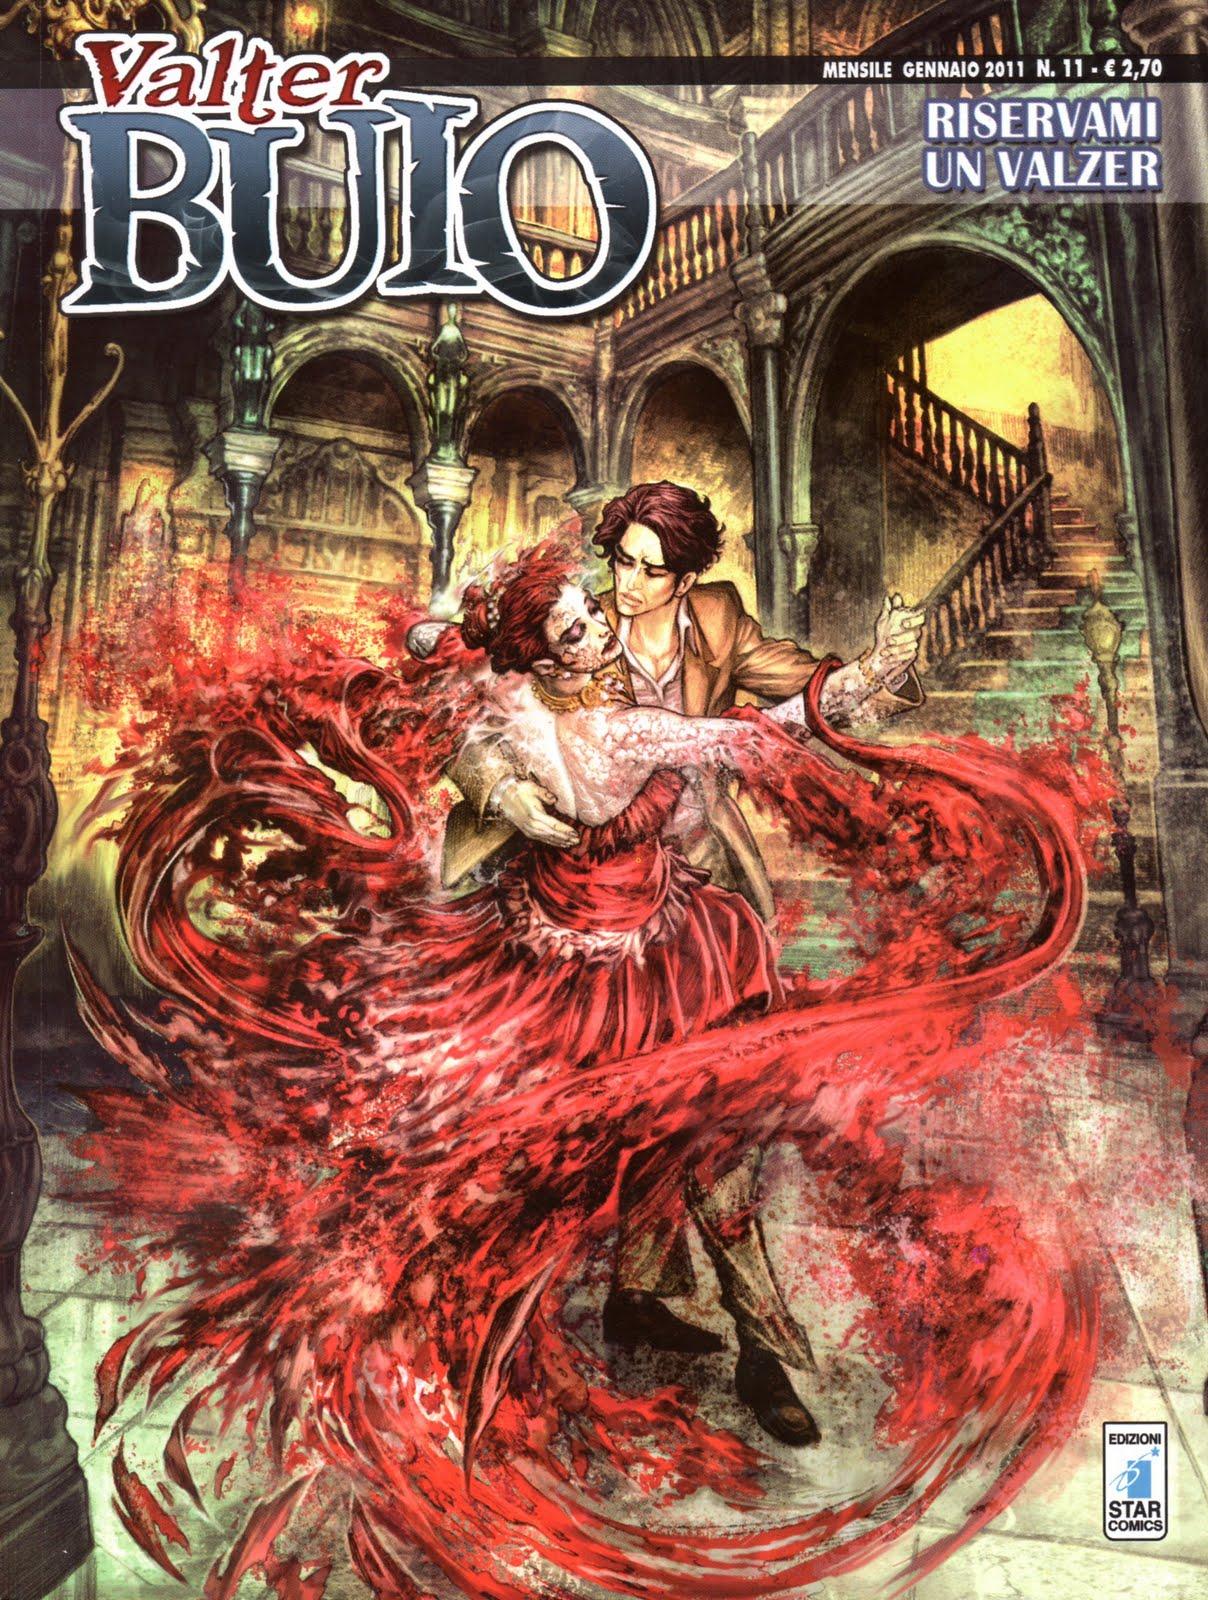 Valter Buio Vol 1 11